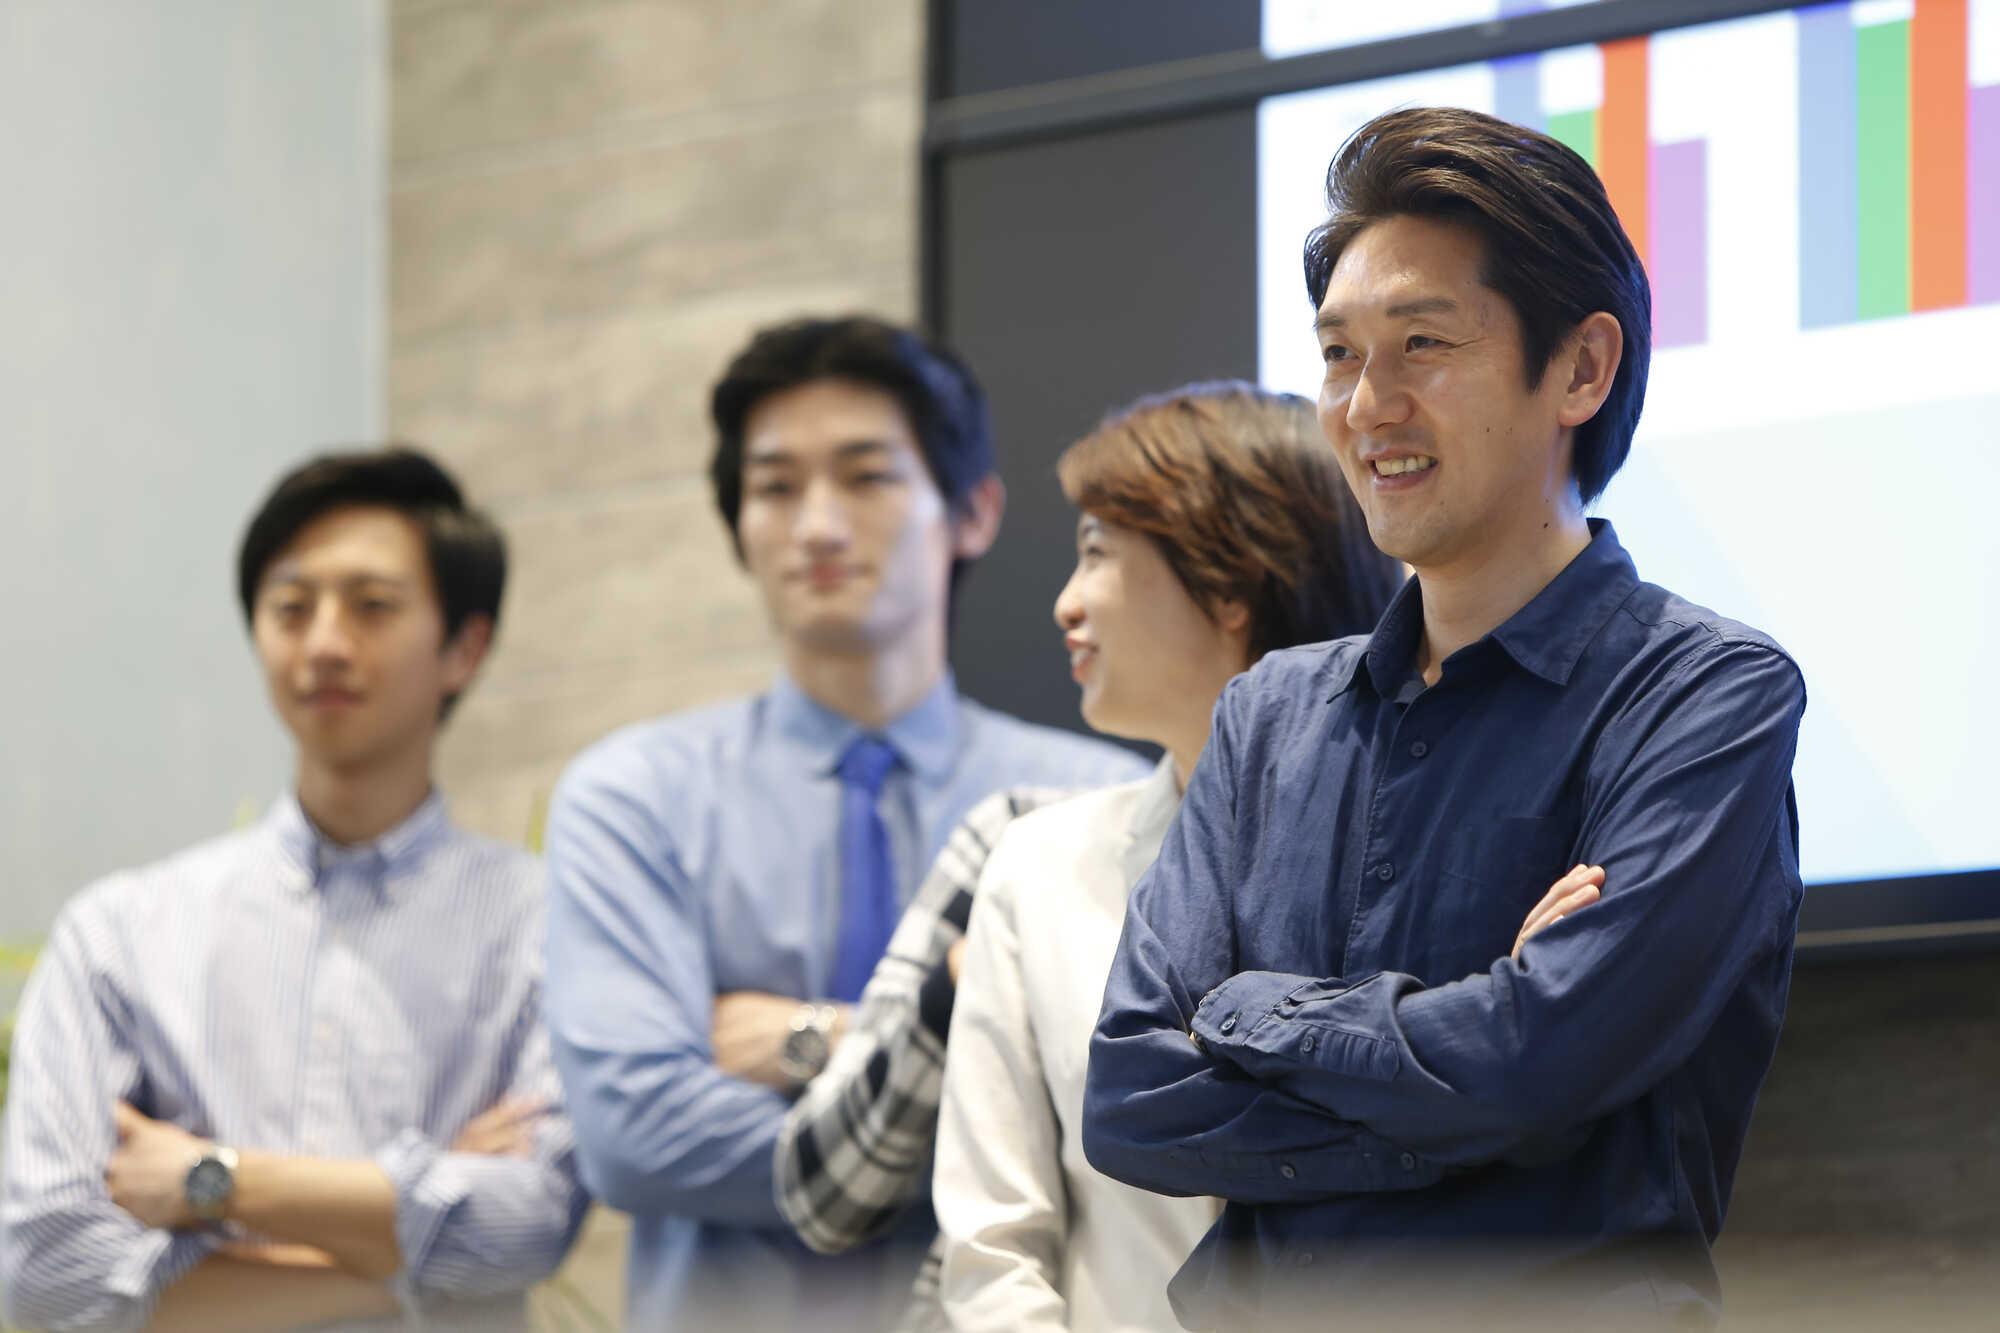 サーバントリーダー(支援型リーダー)は、メンバーの主体性を引き出し活用して組織の目標を達成する